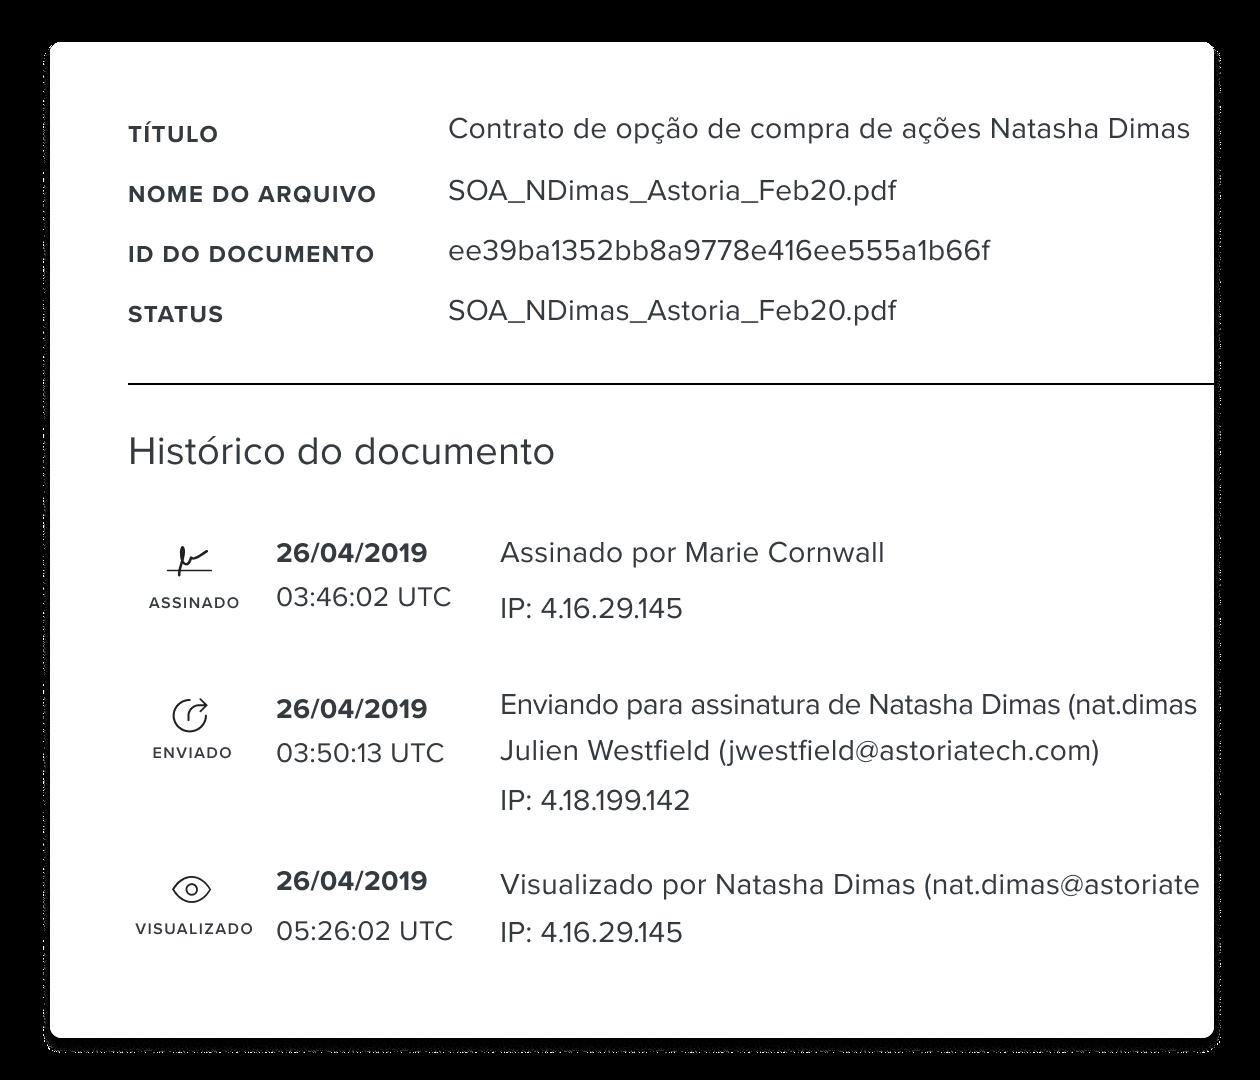 Captura de tela da trilha de auditoria de documentos do HelloSign